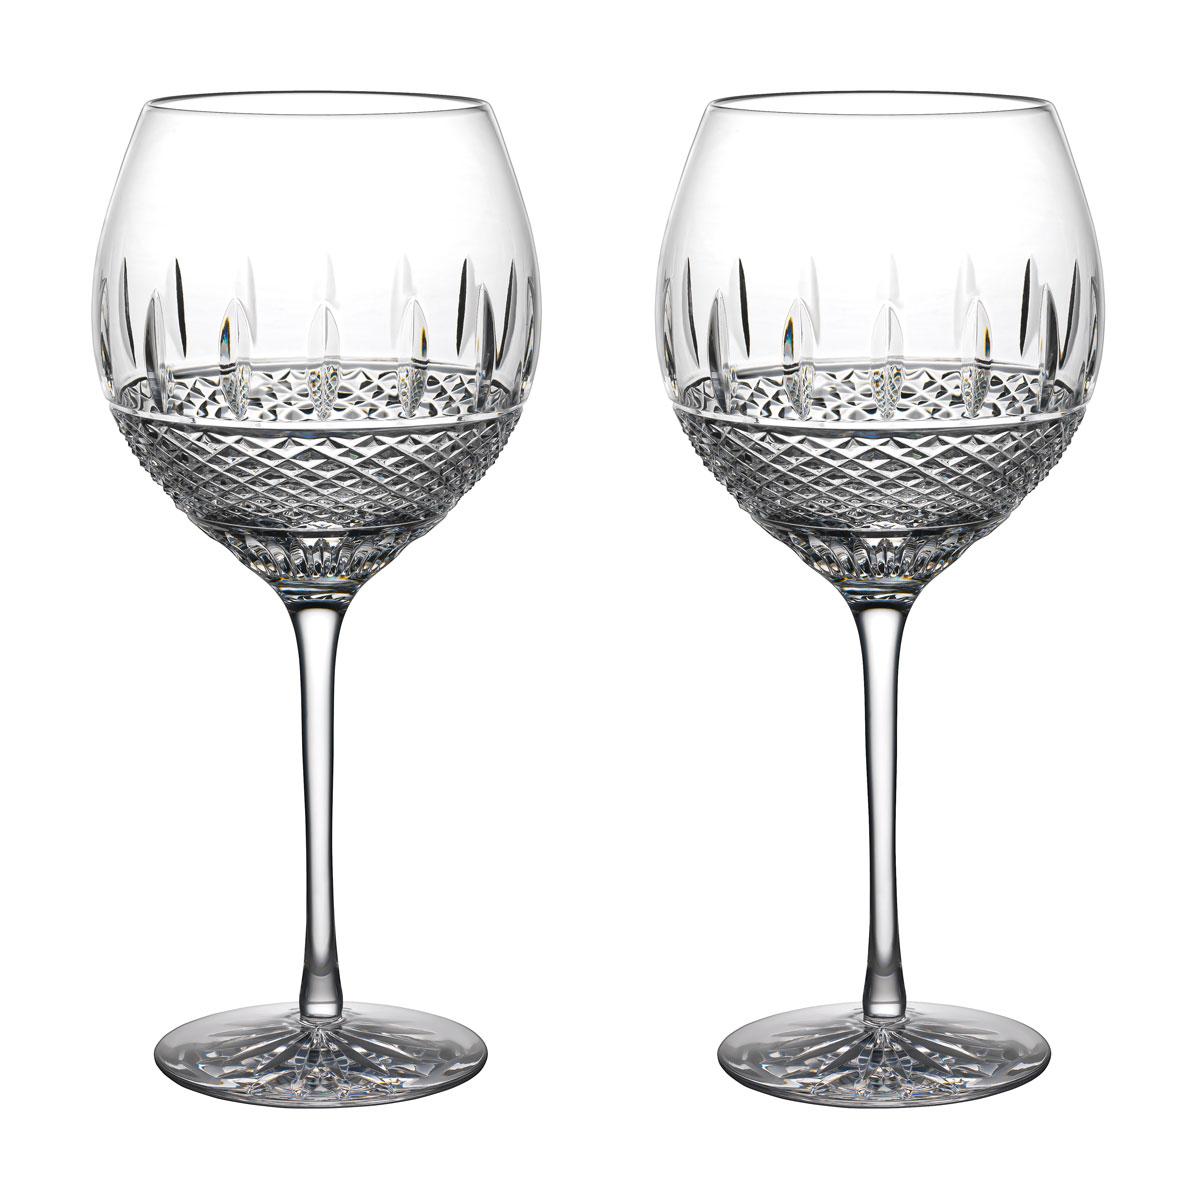 Waterford Master Craft Irish Lace White Wine Pair